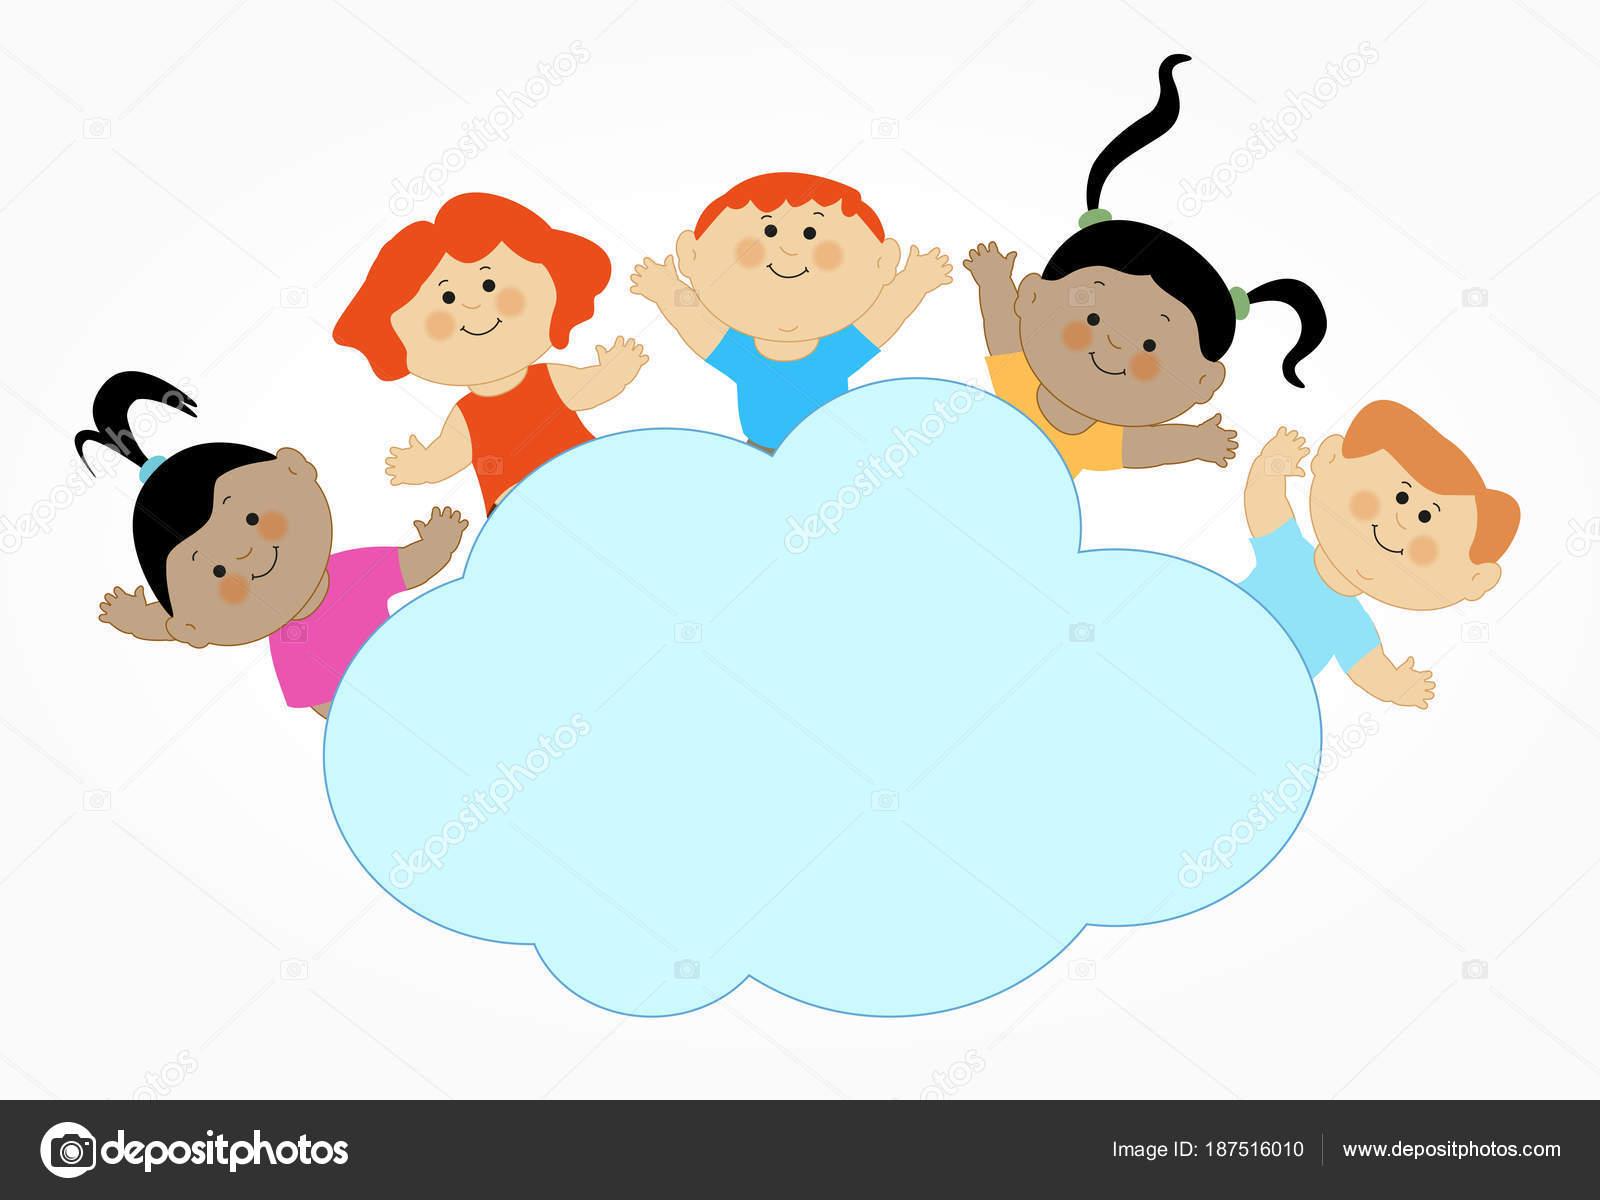 Niños Caricatura Jugando Patrón Diseño Plano Con Niño — Vector de stock e9811748f8b